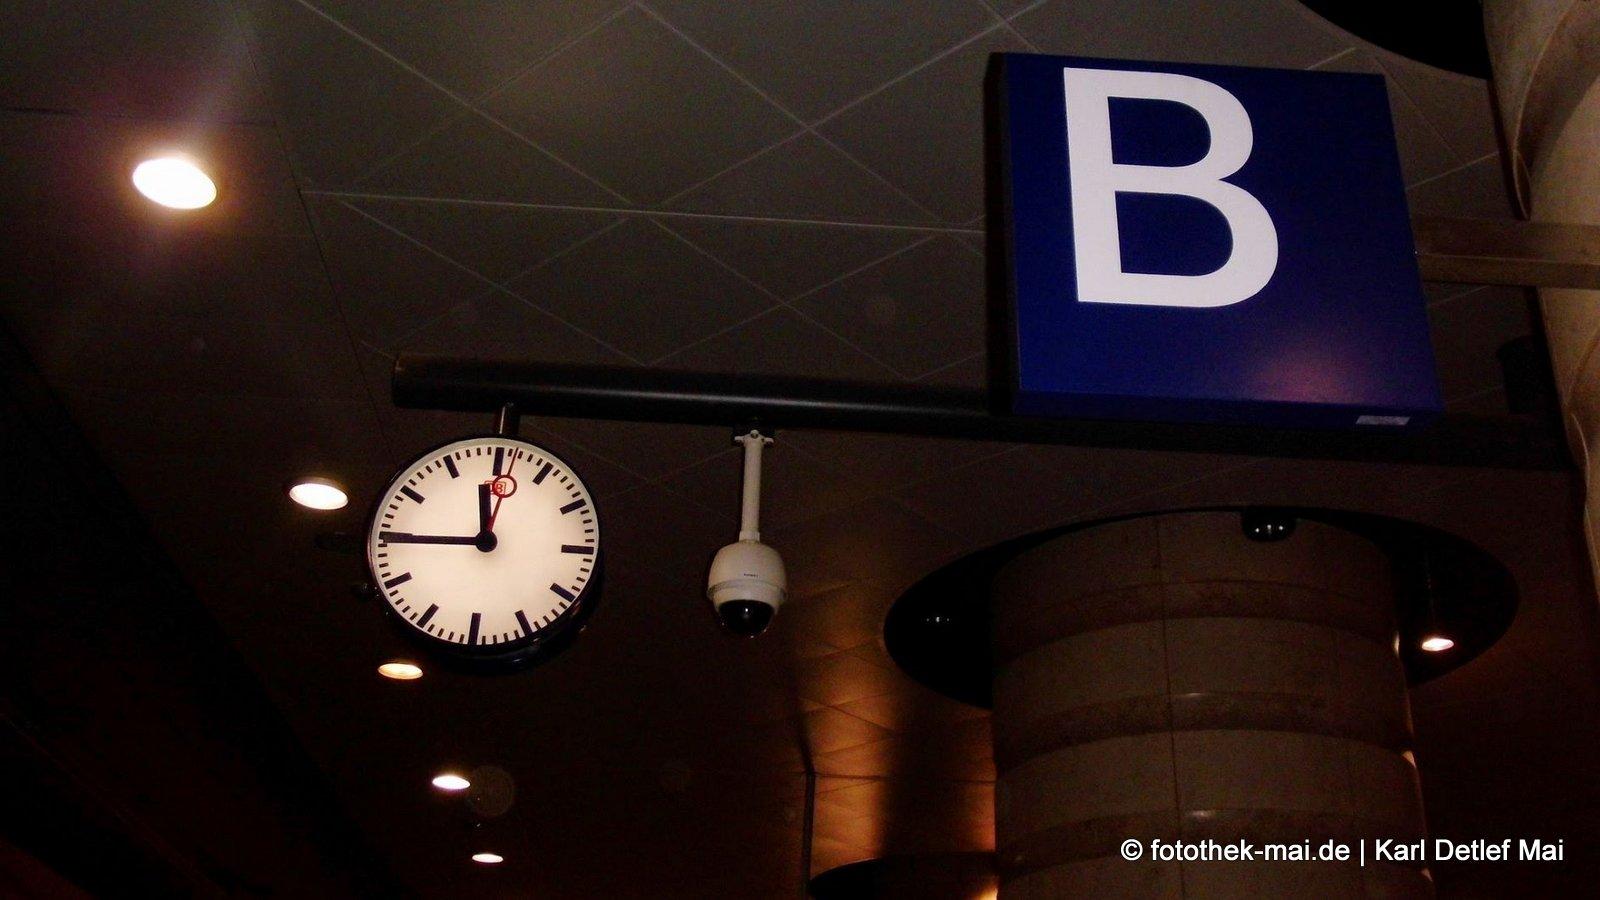 Mit dem neuen Tag ist man der Zukunft näher // Testfahrt bis in die Nacht vor Einweihung der Leipziger S-Bahn